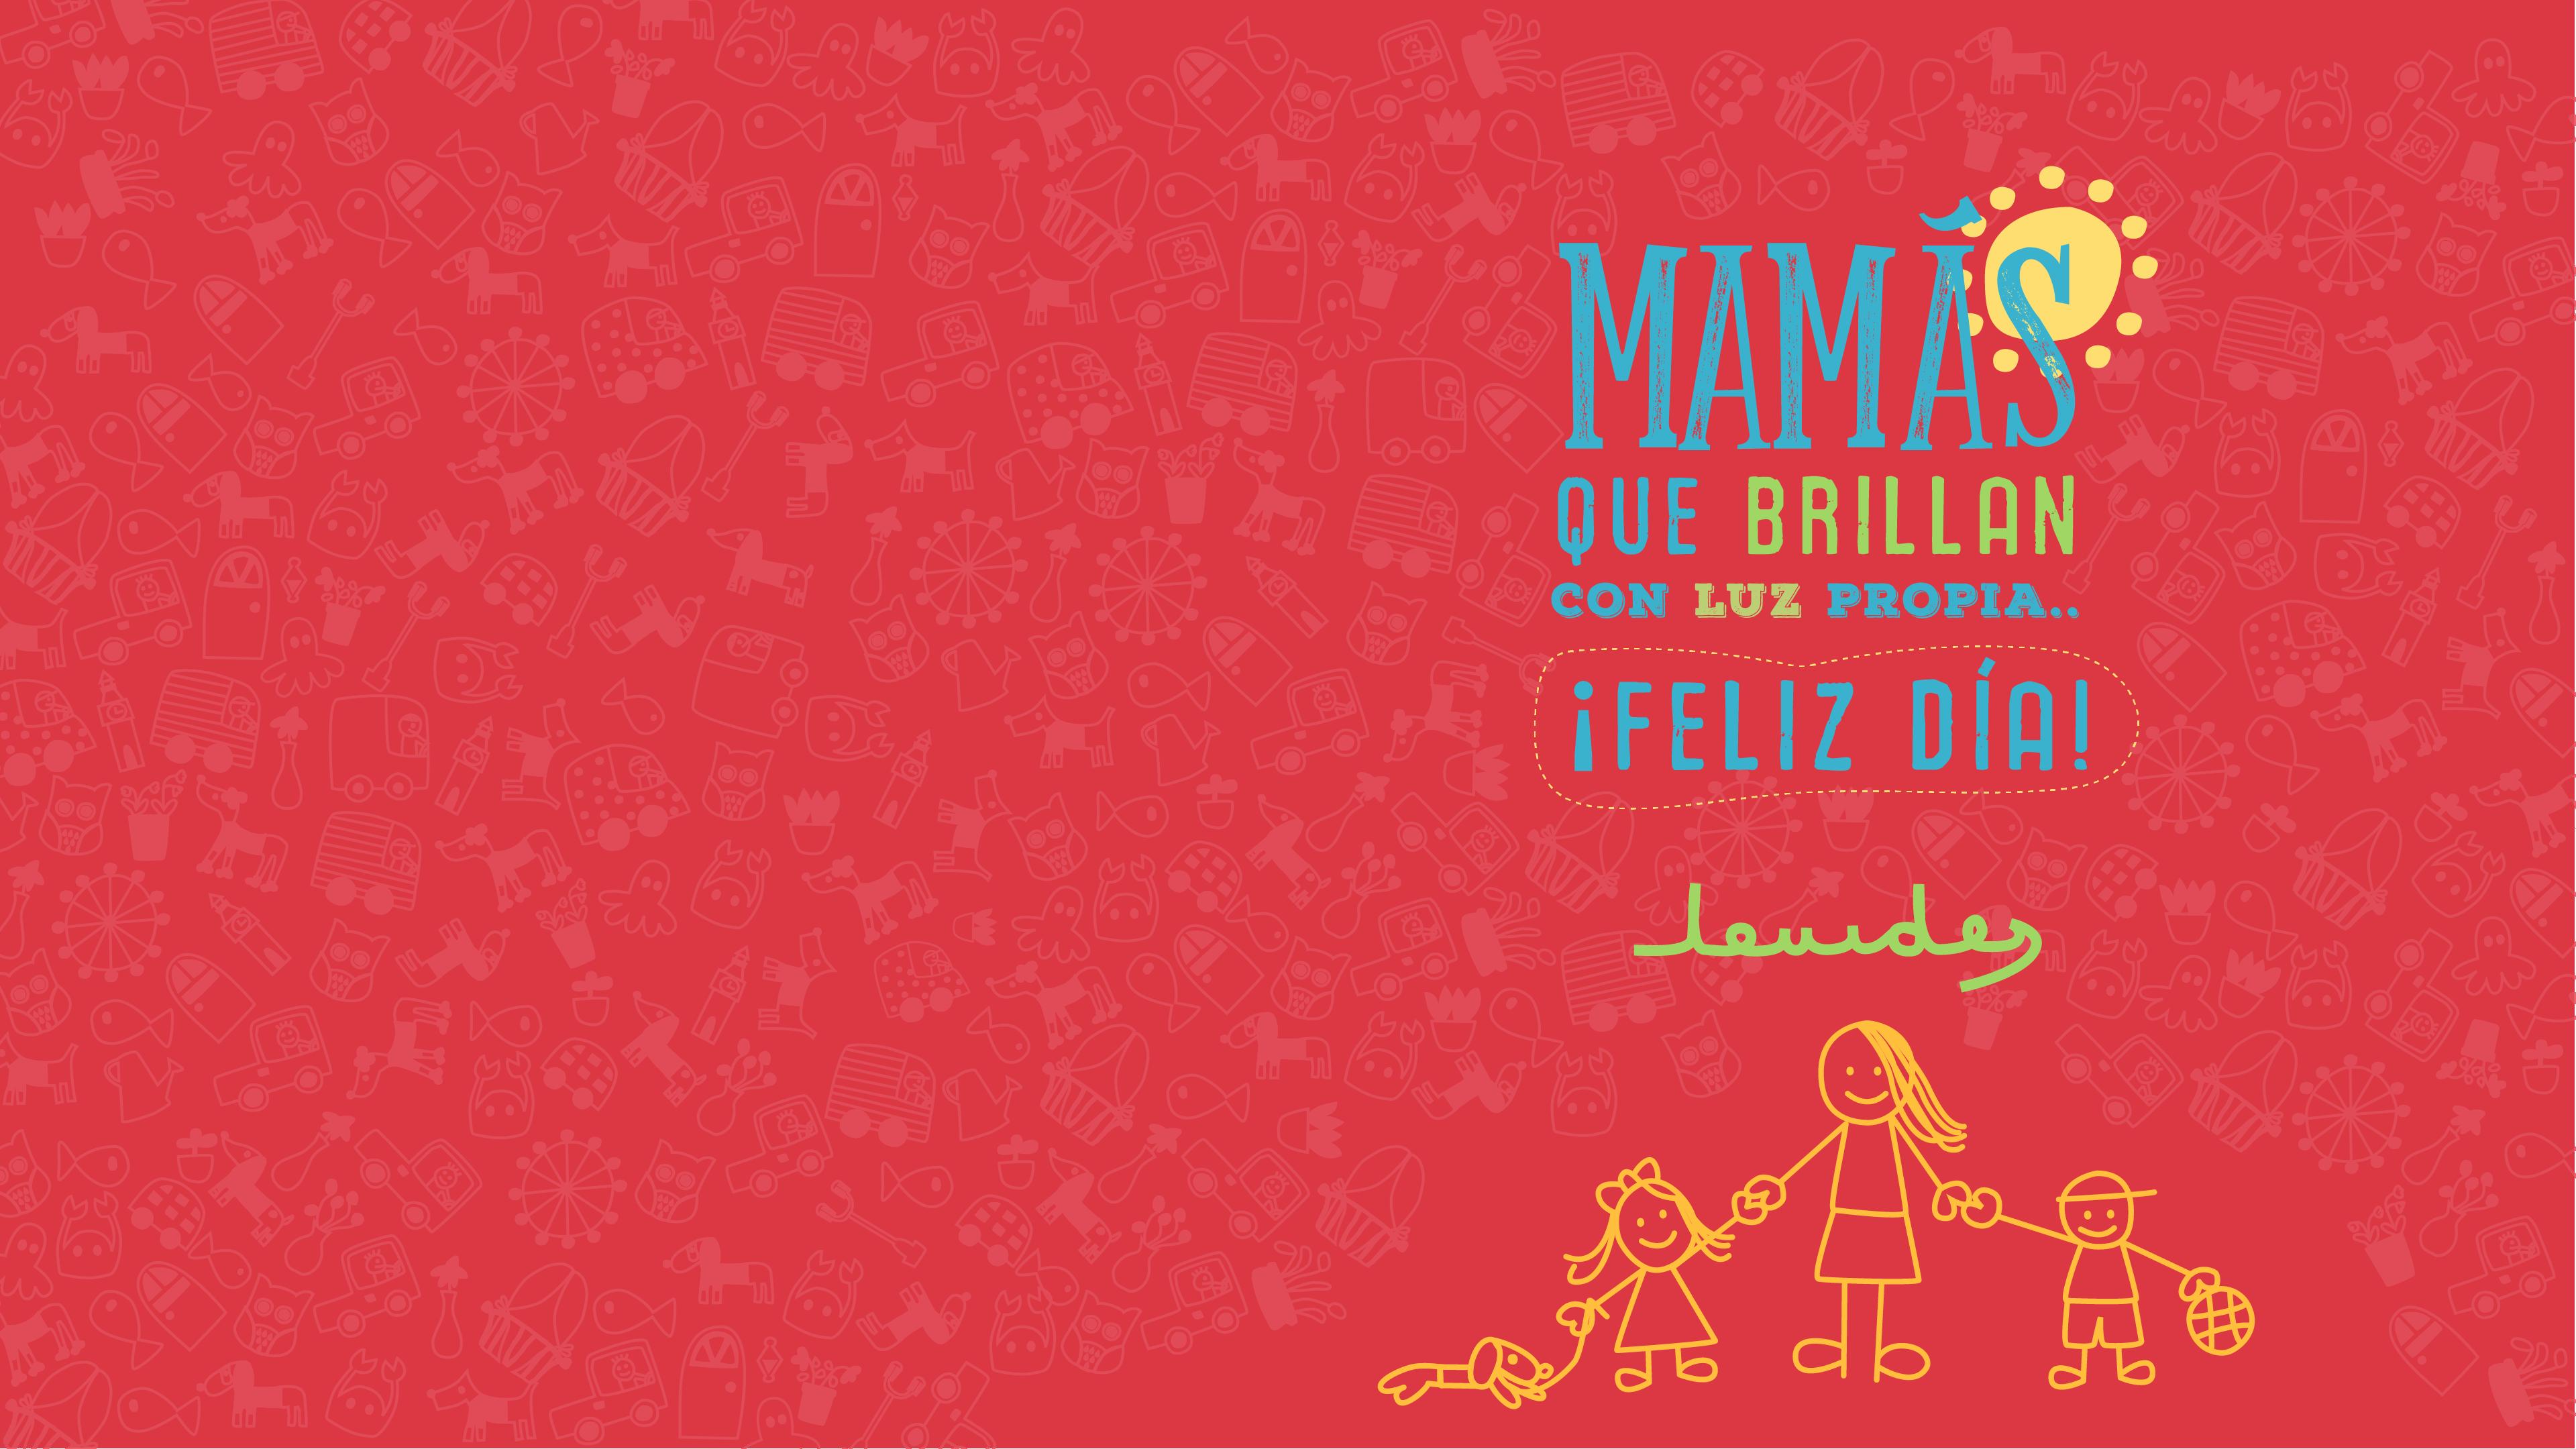 Fondos Para El Dia De La Madre: Fondos Dia De Las Madres